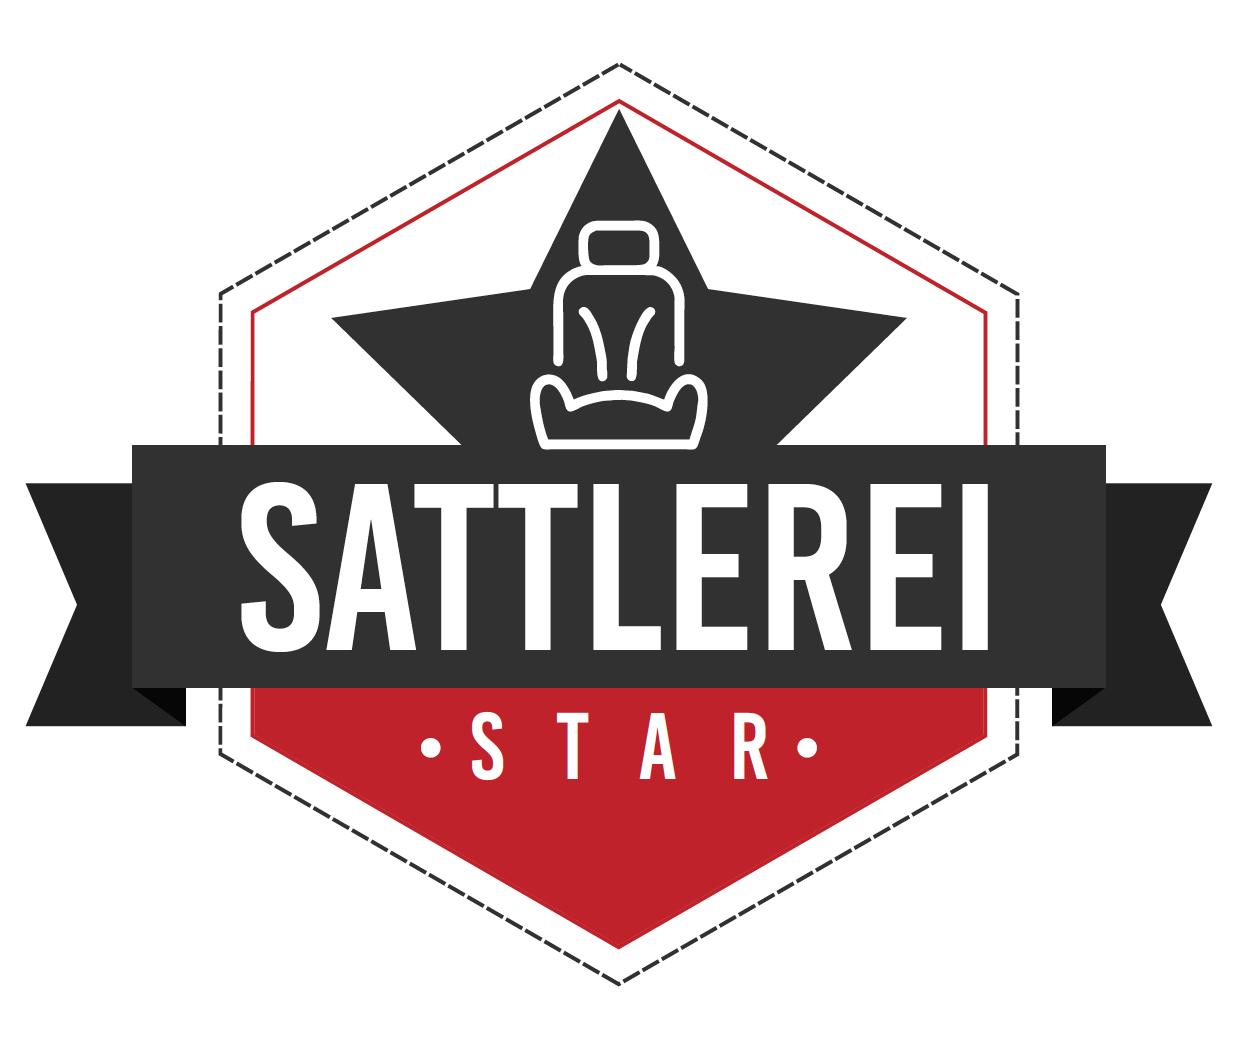 Sattlerei Star